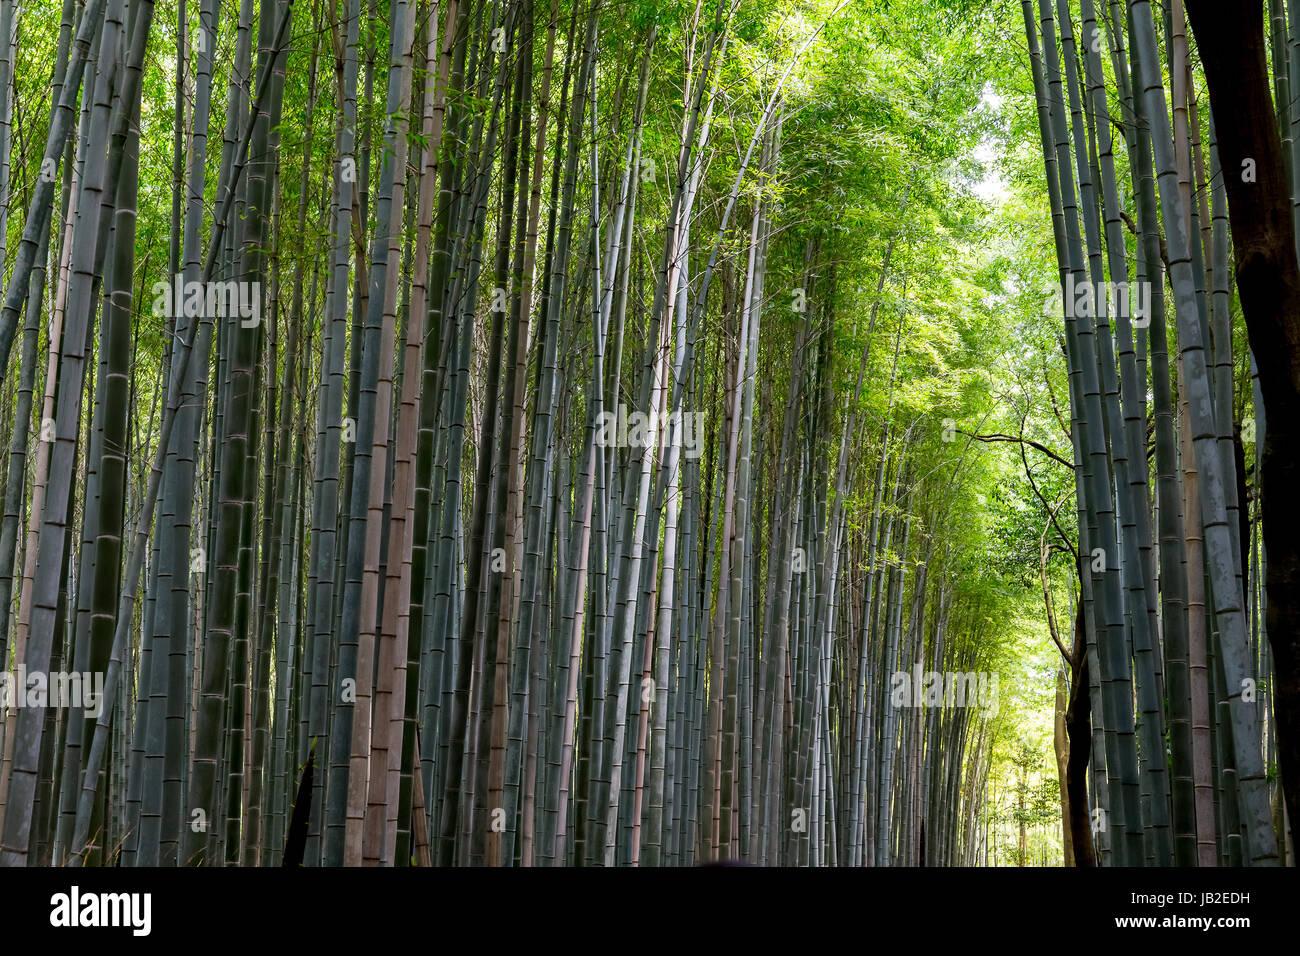 El bosque de bambú de Arashiyama, Kyoto, Japón. Imagen De Stock